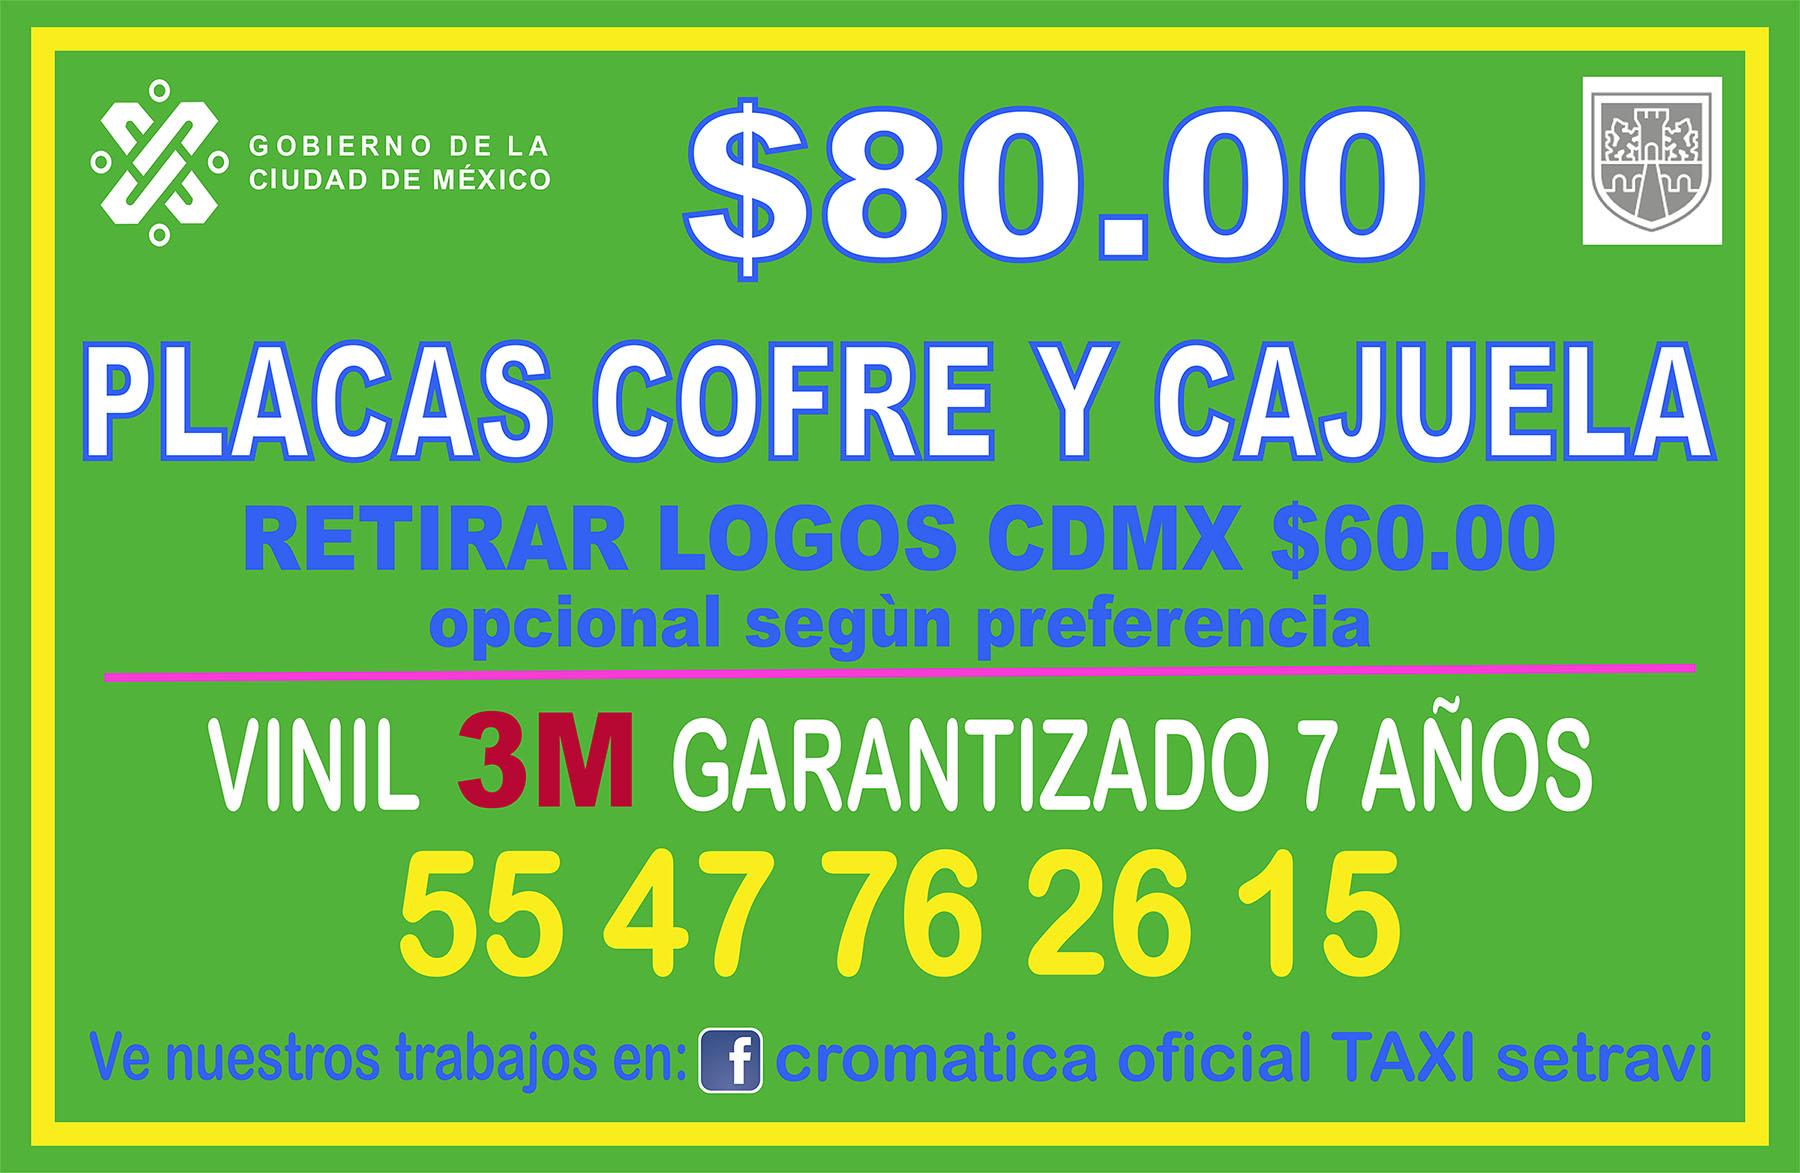 Rotulos taxi 2019 oficial semov